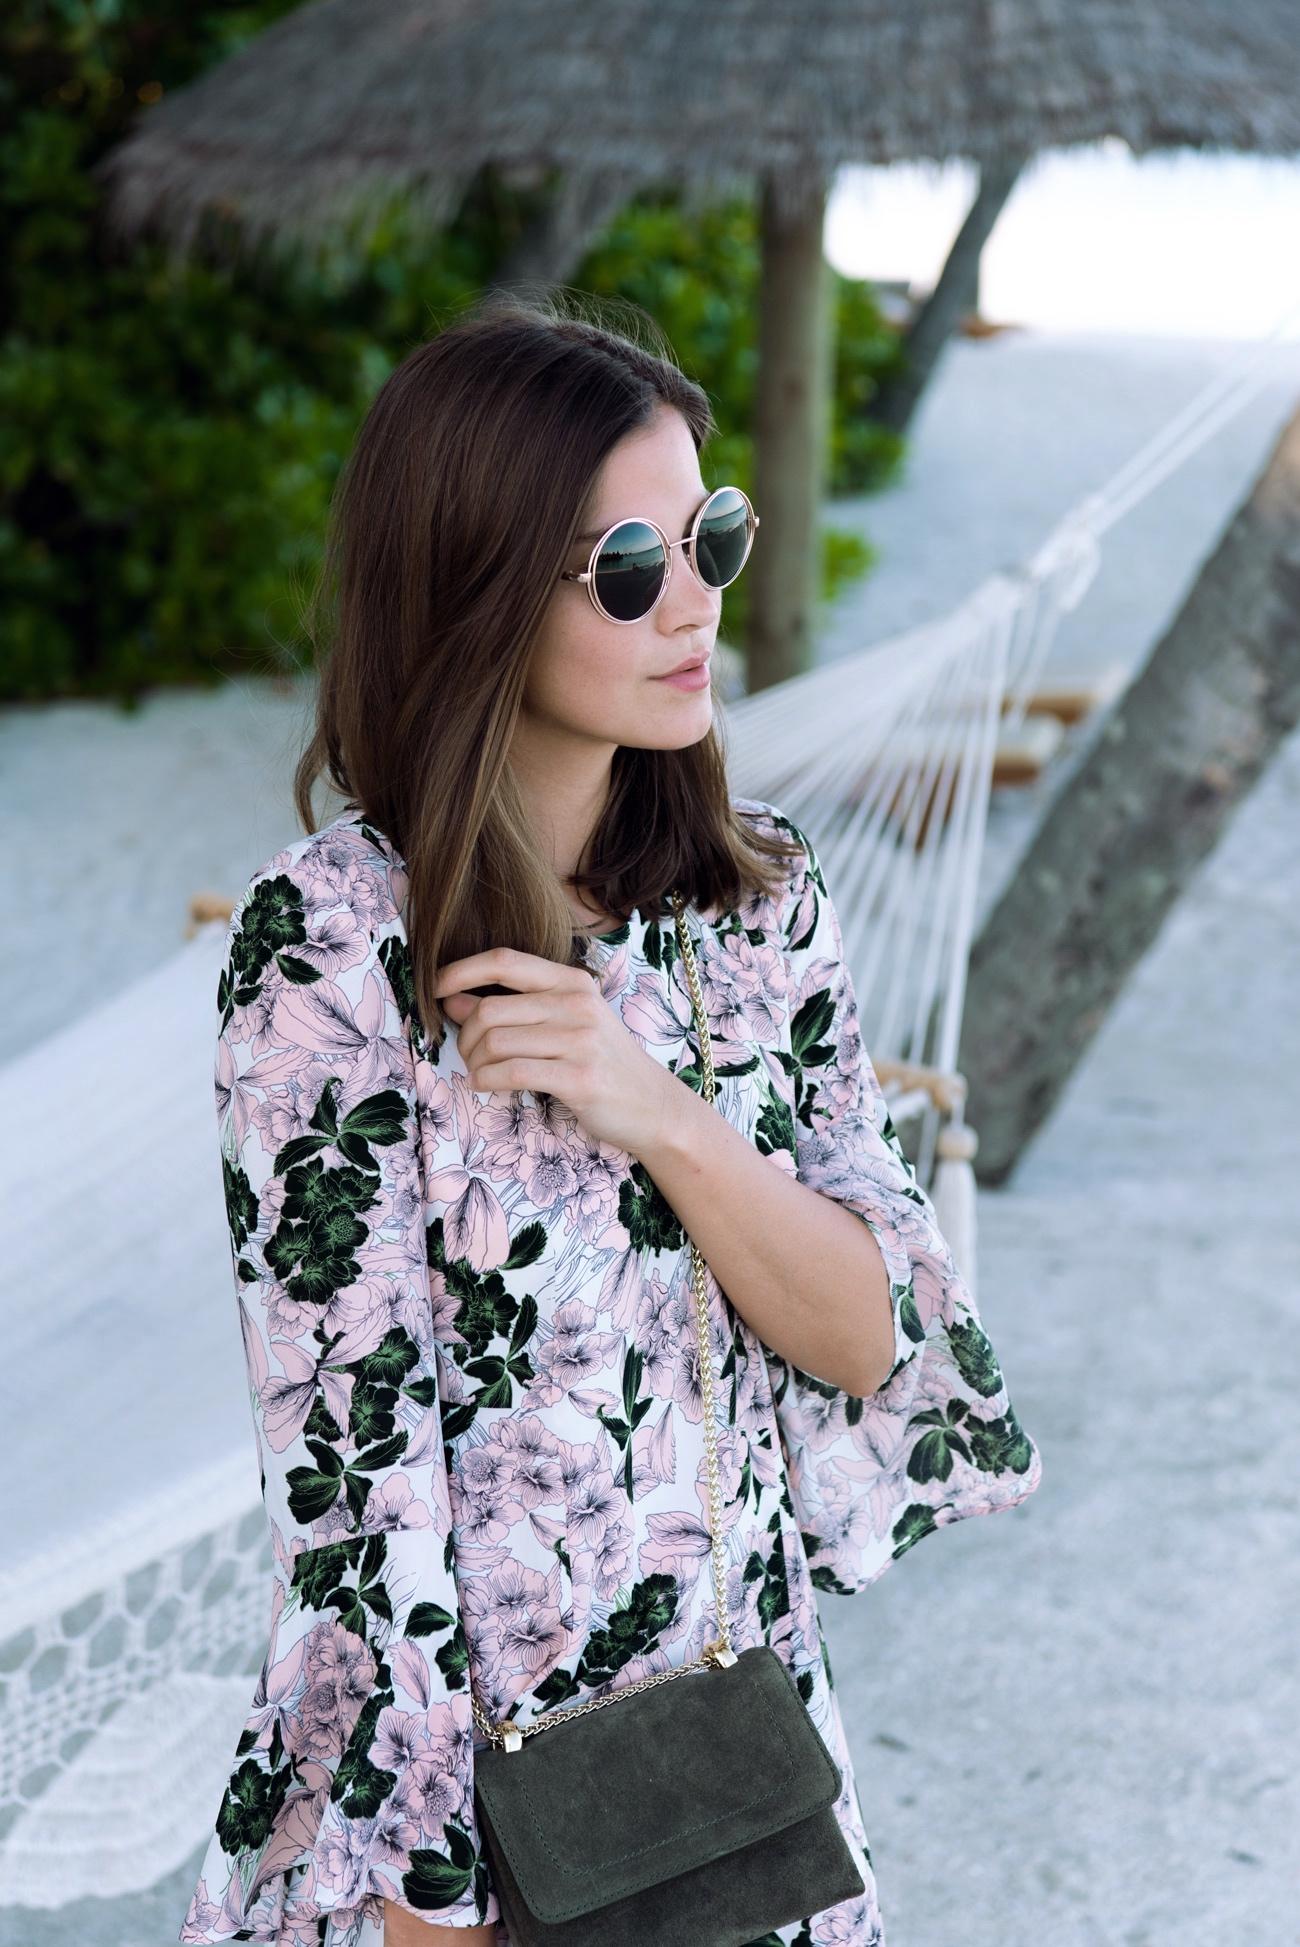 die-10-besten-fashionblogs-deutschlands-mode-influencer-fashion-germany-fashiioncarpet-nina-schwichtenberg